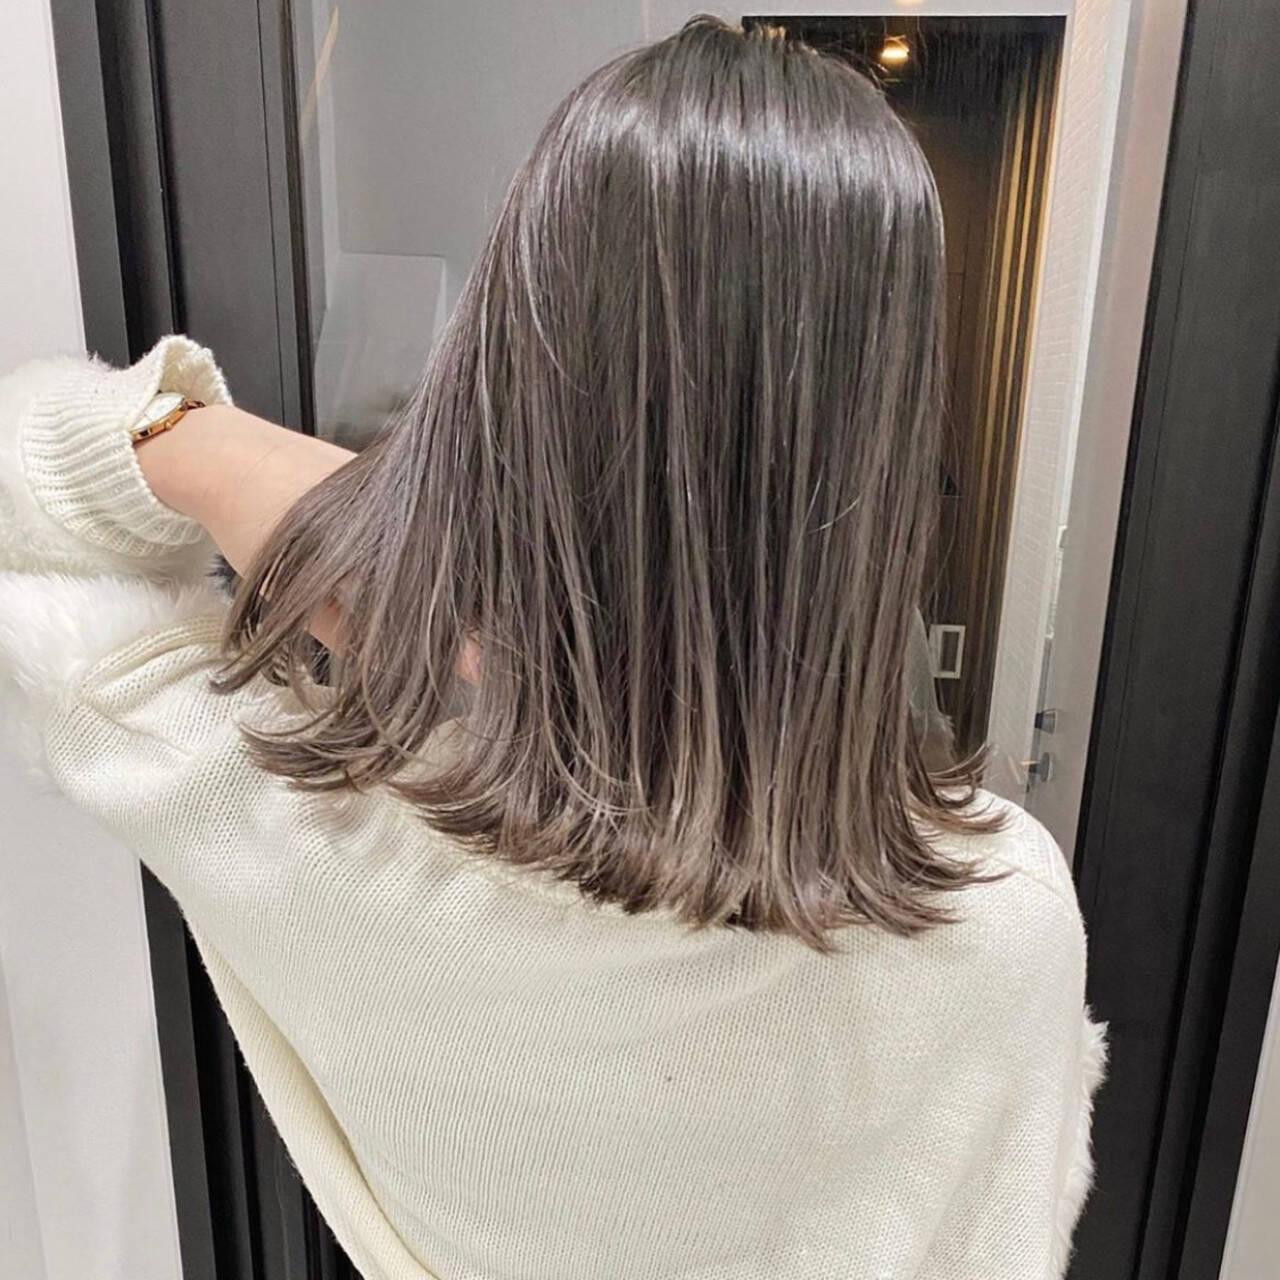 グレージュ グラデーションカラー ラベンダーグレージュ アッシュグレーヘアスタイルや髪型の写真・画像